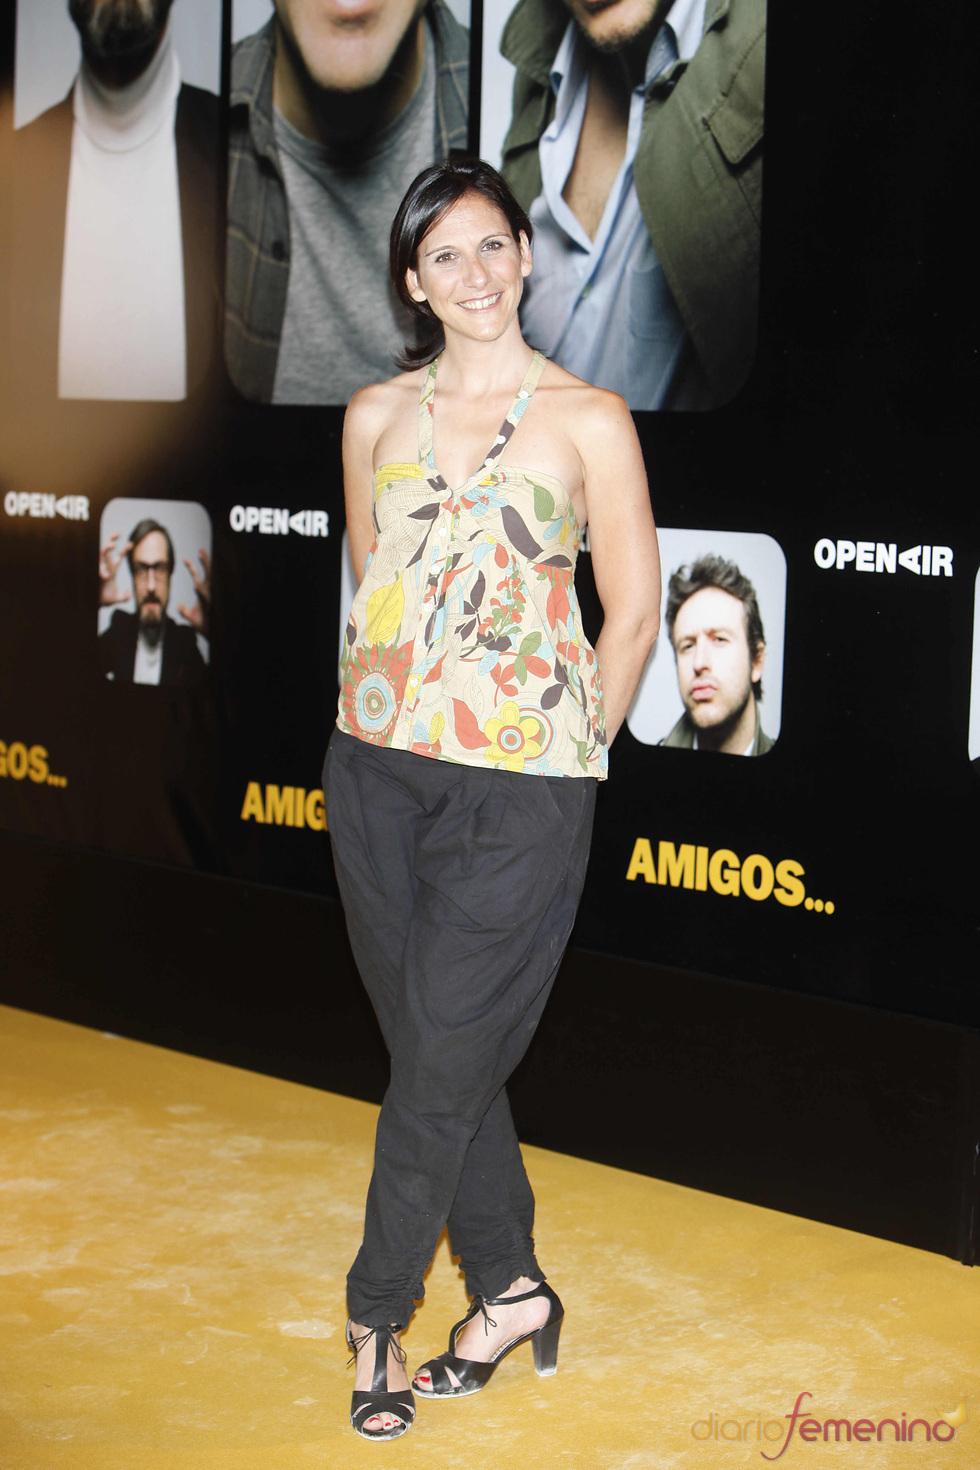 La actriz Malena Alterio en el estreno de la película 'Amigos'